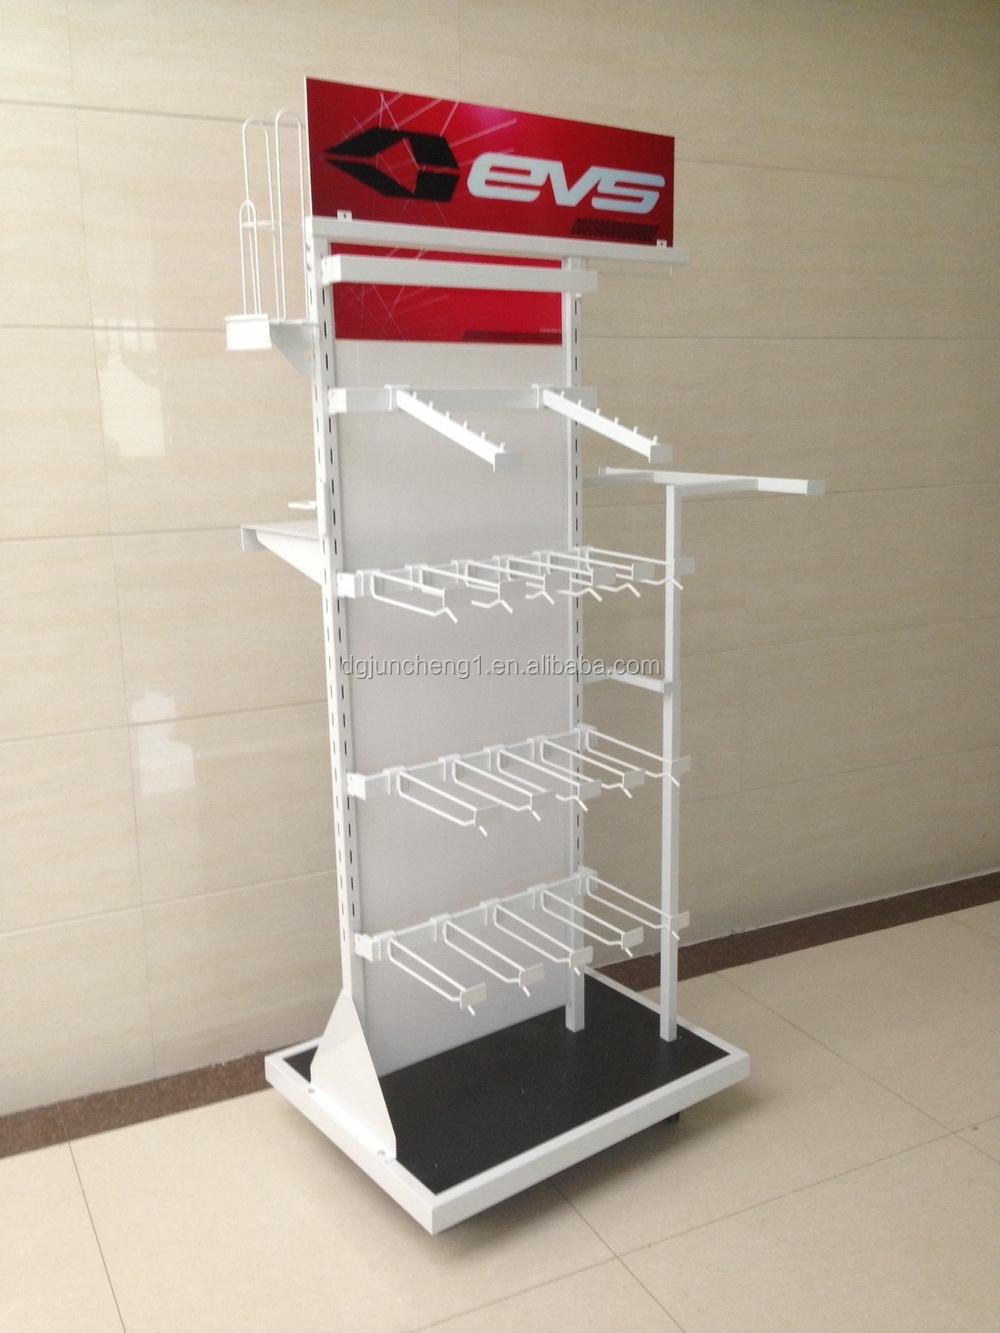 Wire and metal retail display, supermarket racks, pallet racks ...